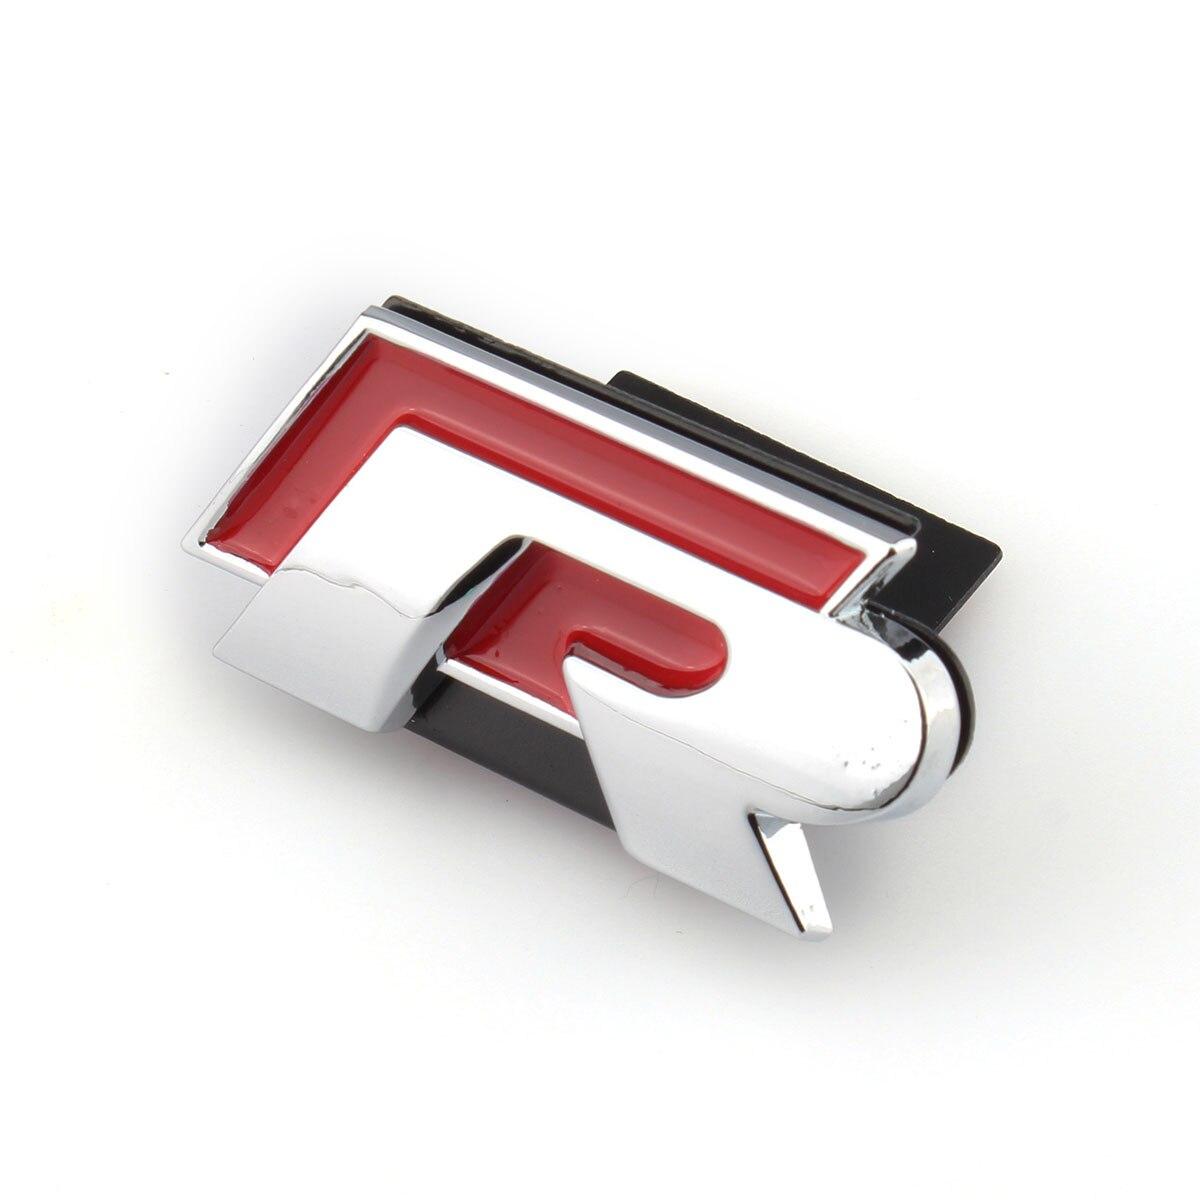 الجبهة كروم الأحمر R خط شارة ملصق مائي شواء شعار شعار ملصق معدني لشركة فولكس فاجن جولف جيتا باسات